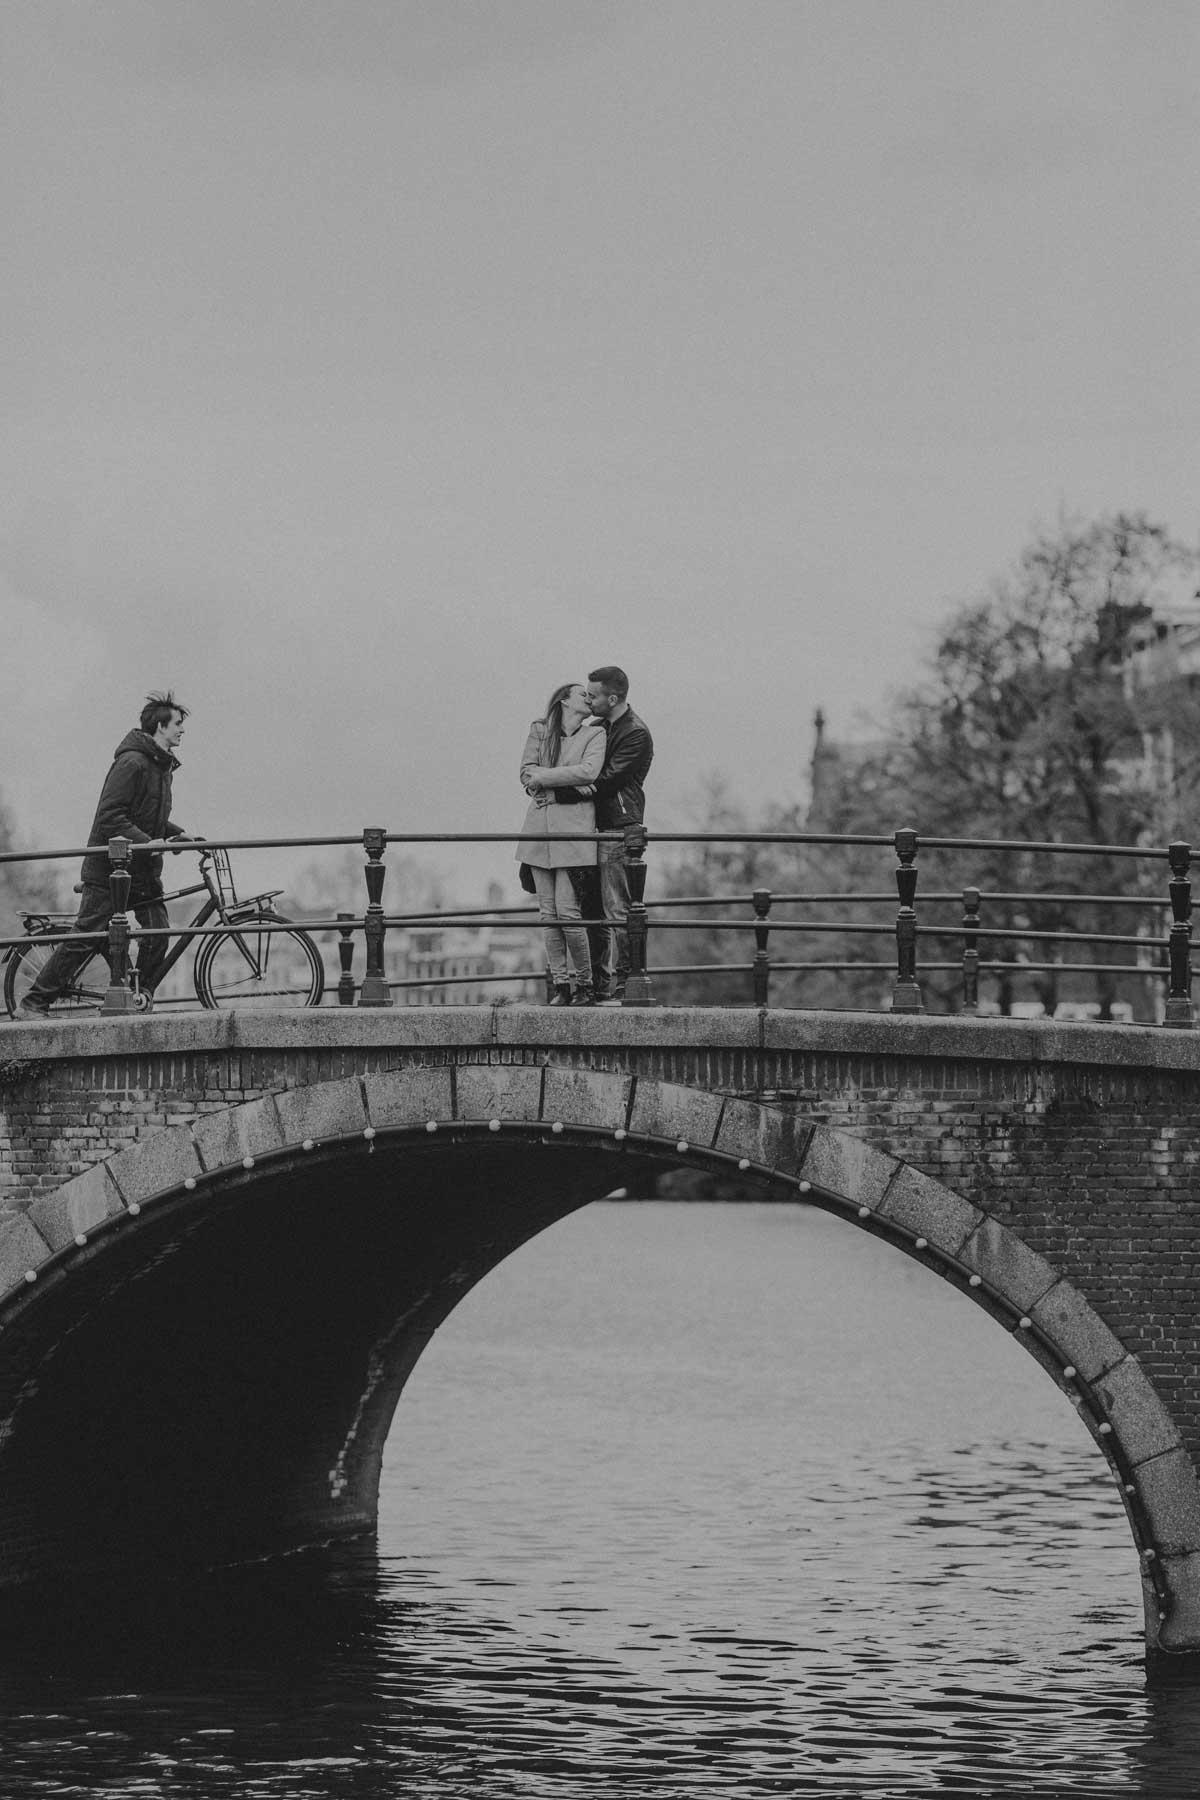 amsterdamweddingphototographermd-391-of-559